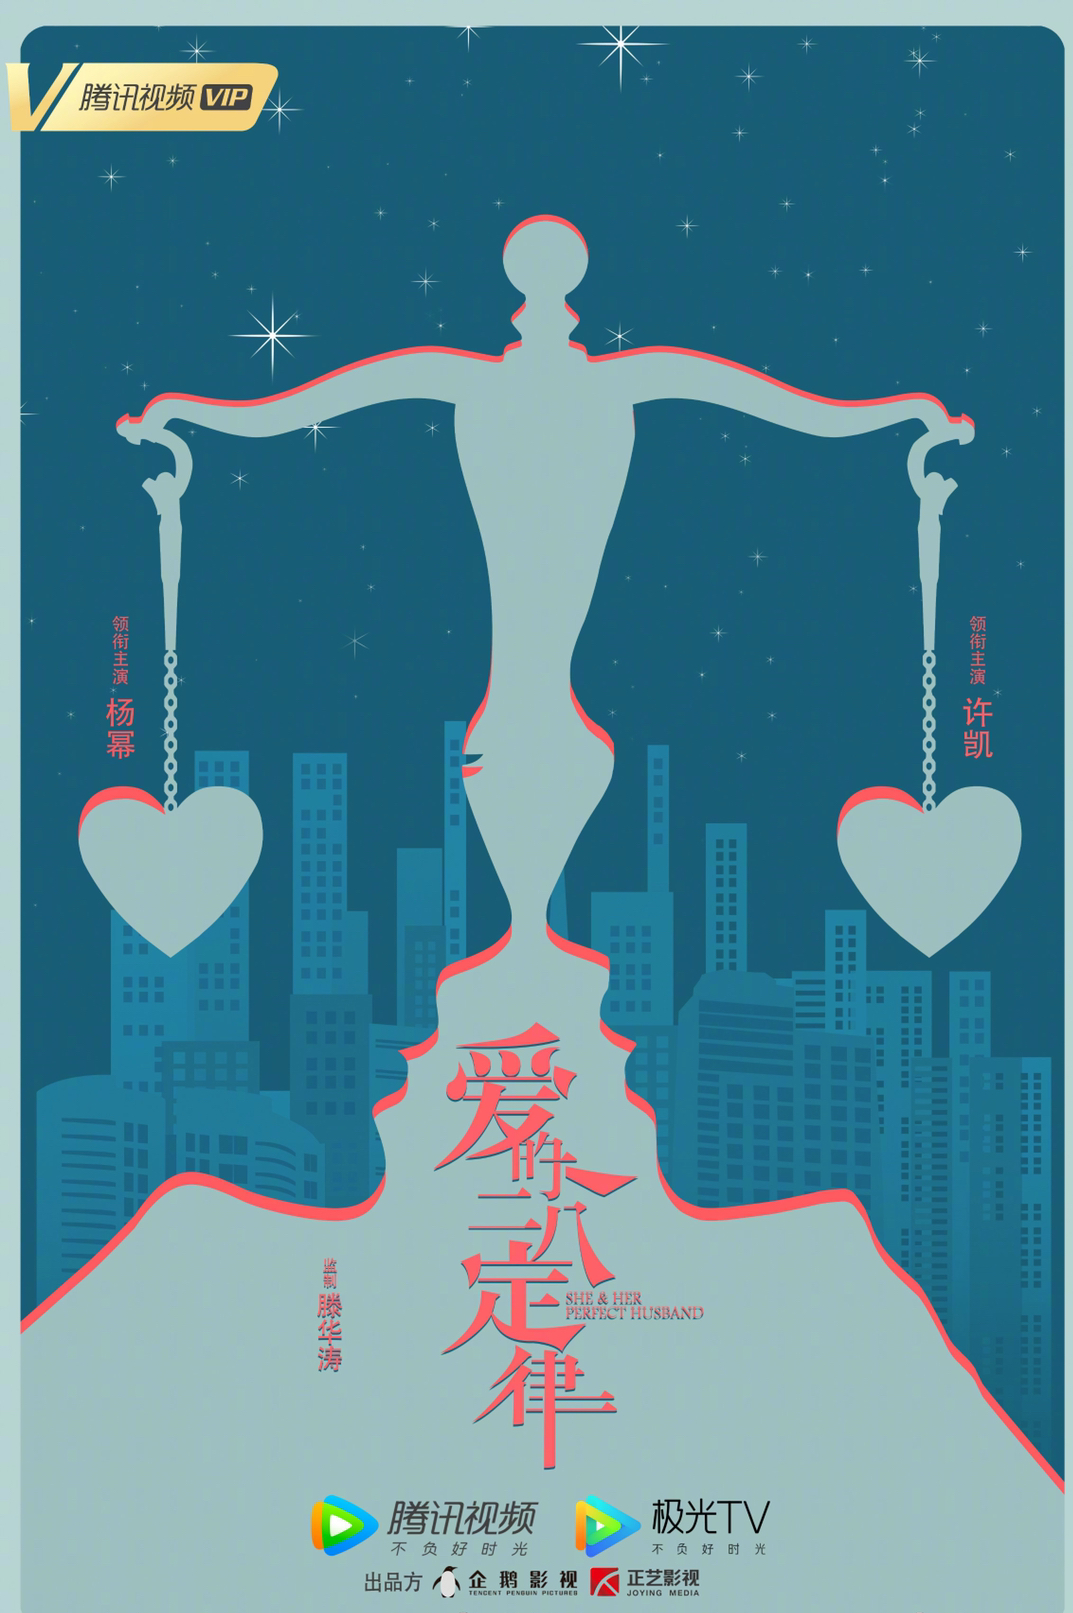 杨幂、许凯主演的电视剧《爱的二八定律》还没开拍就被湖南卫视买下了